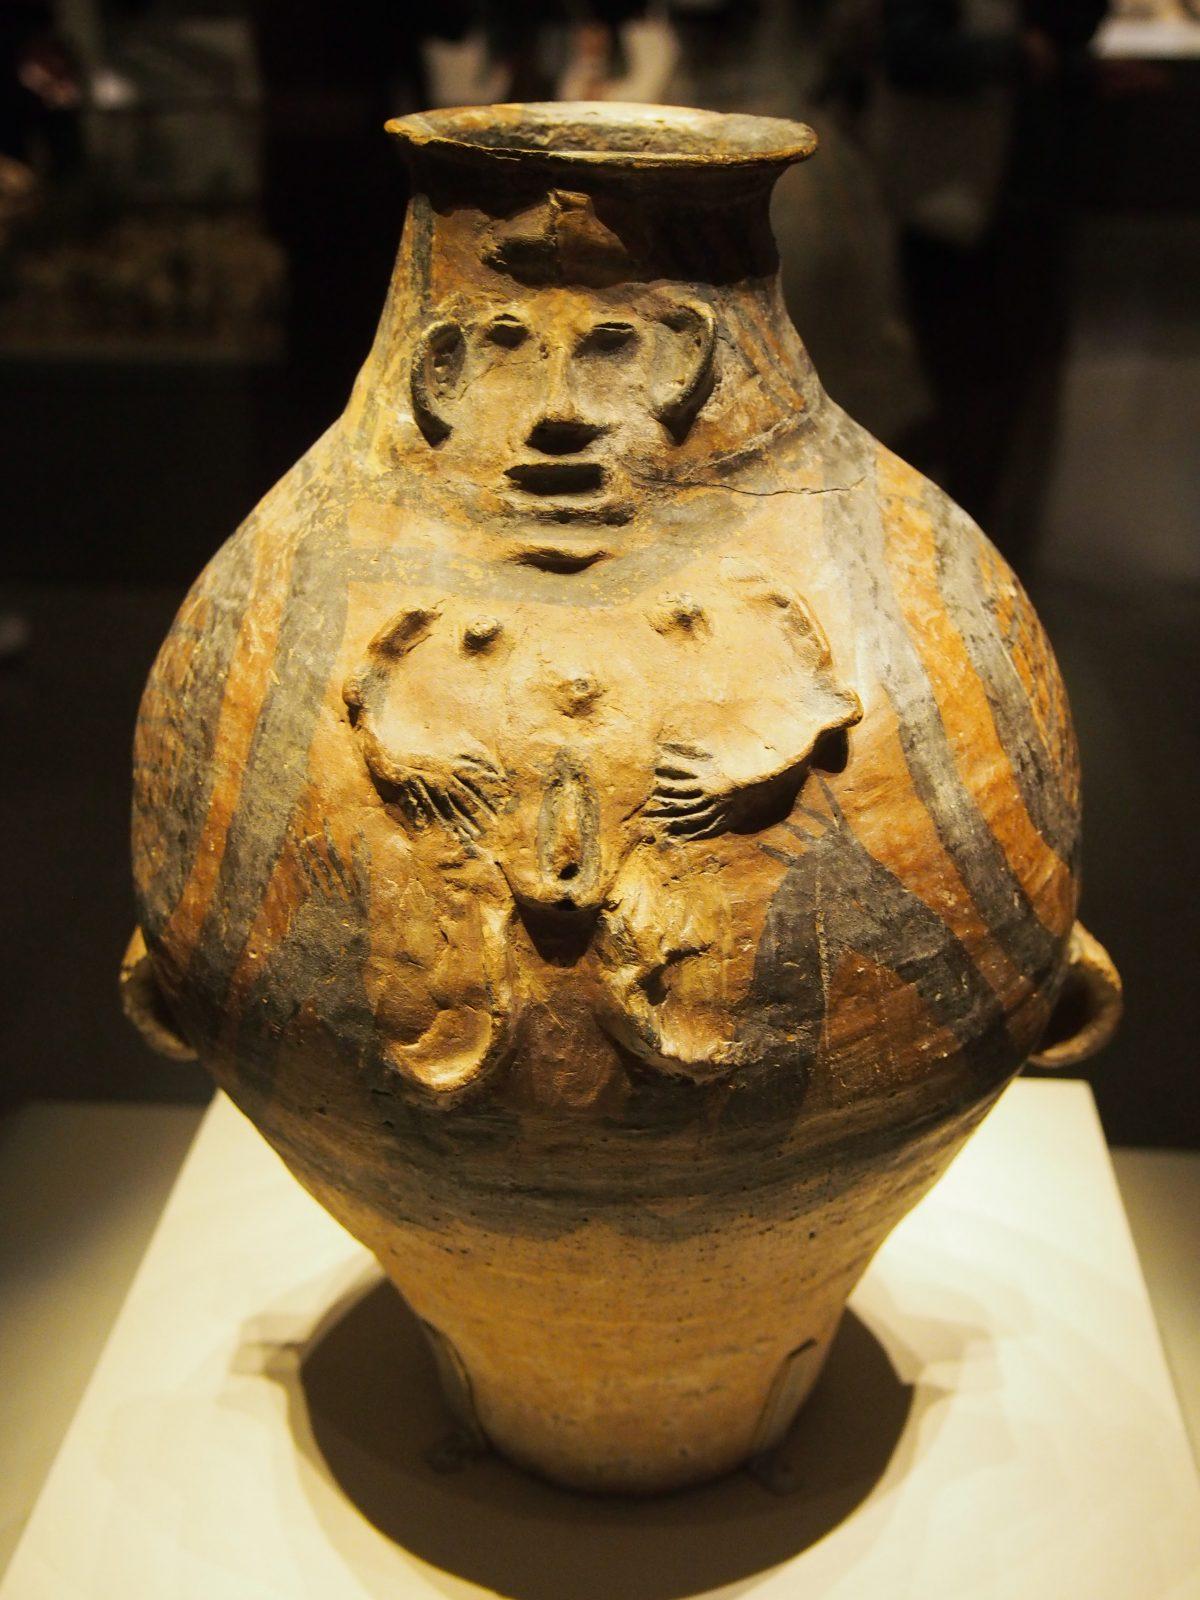 裸体双性浮雕彩陶壶